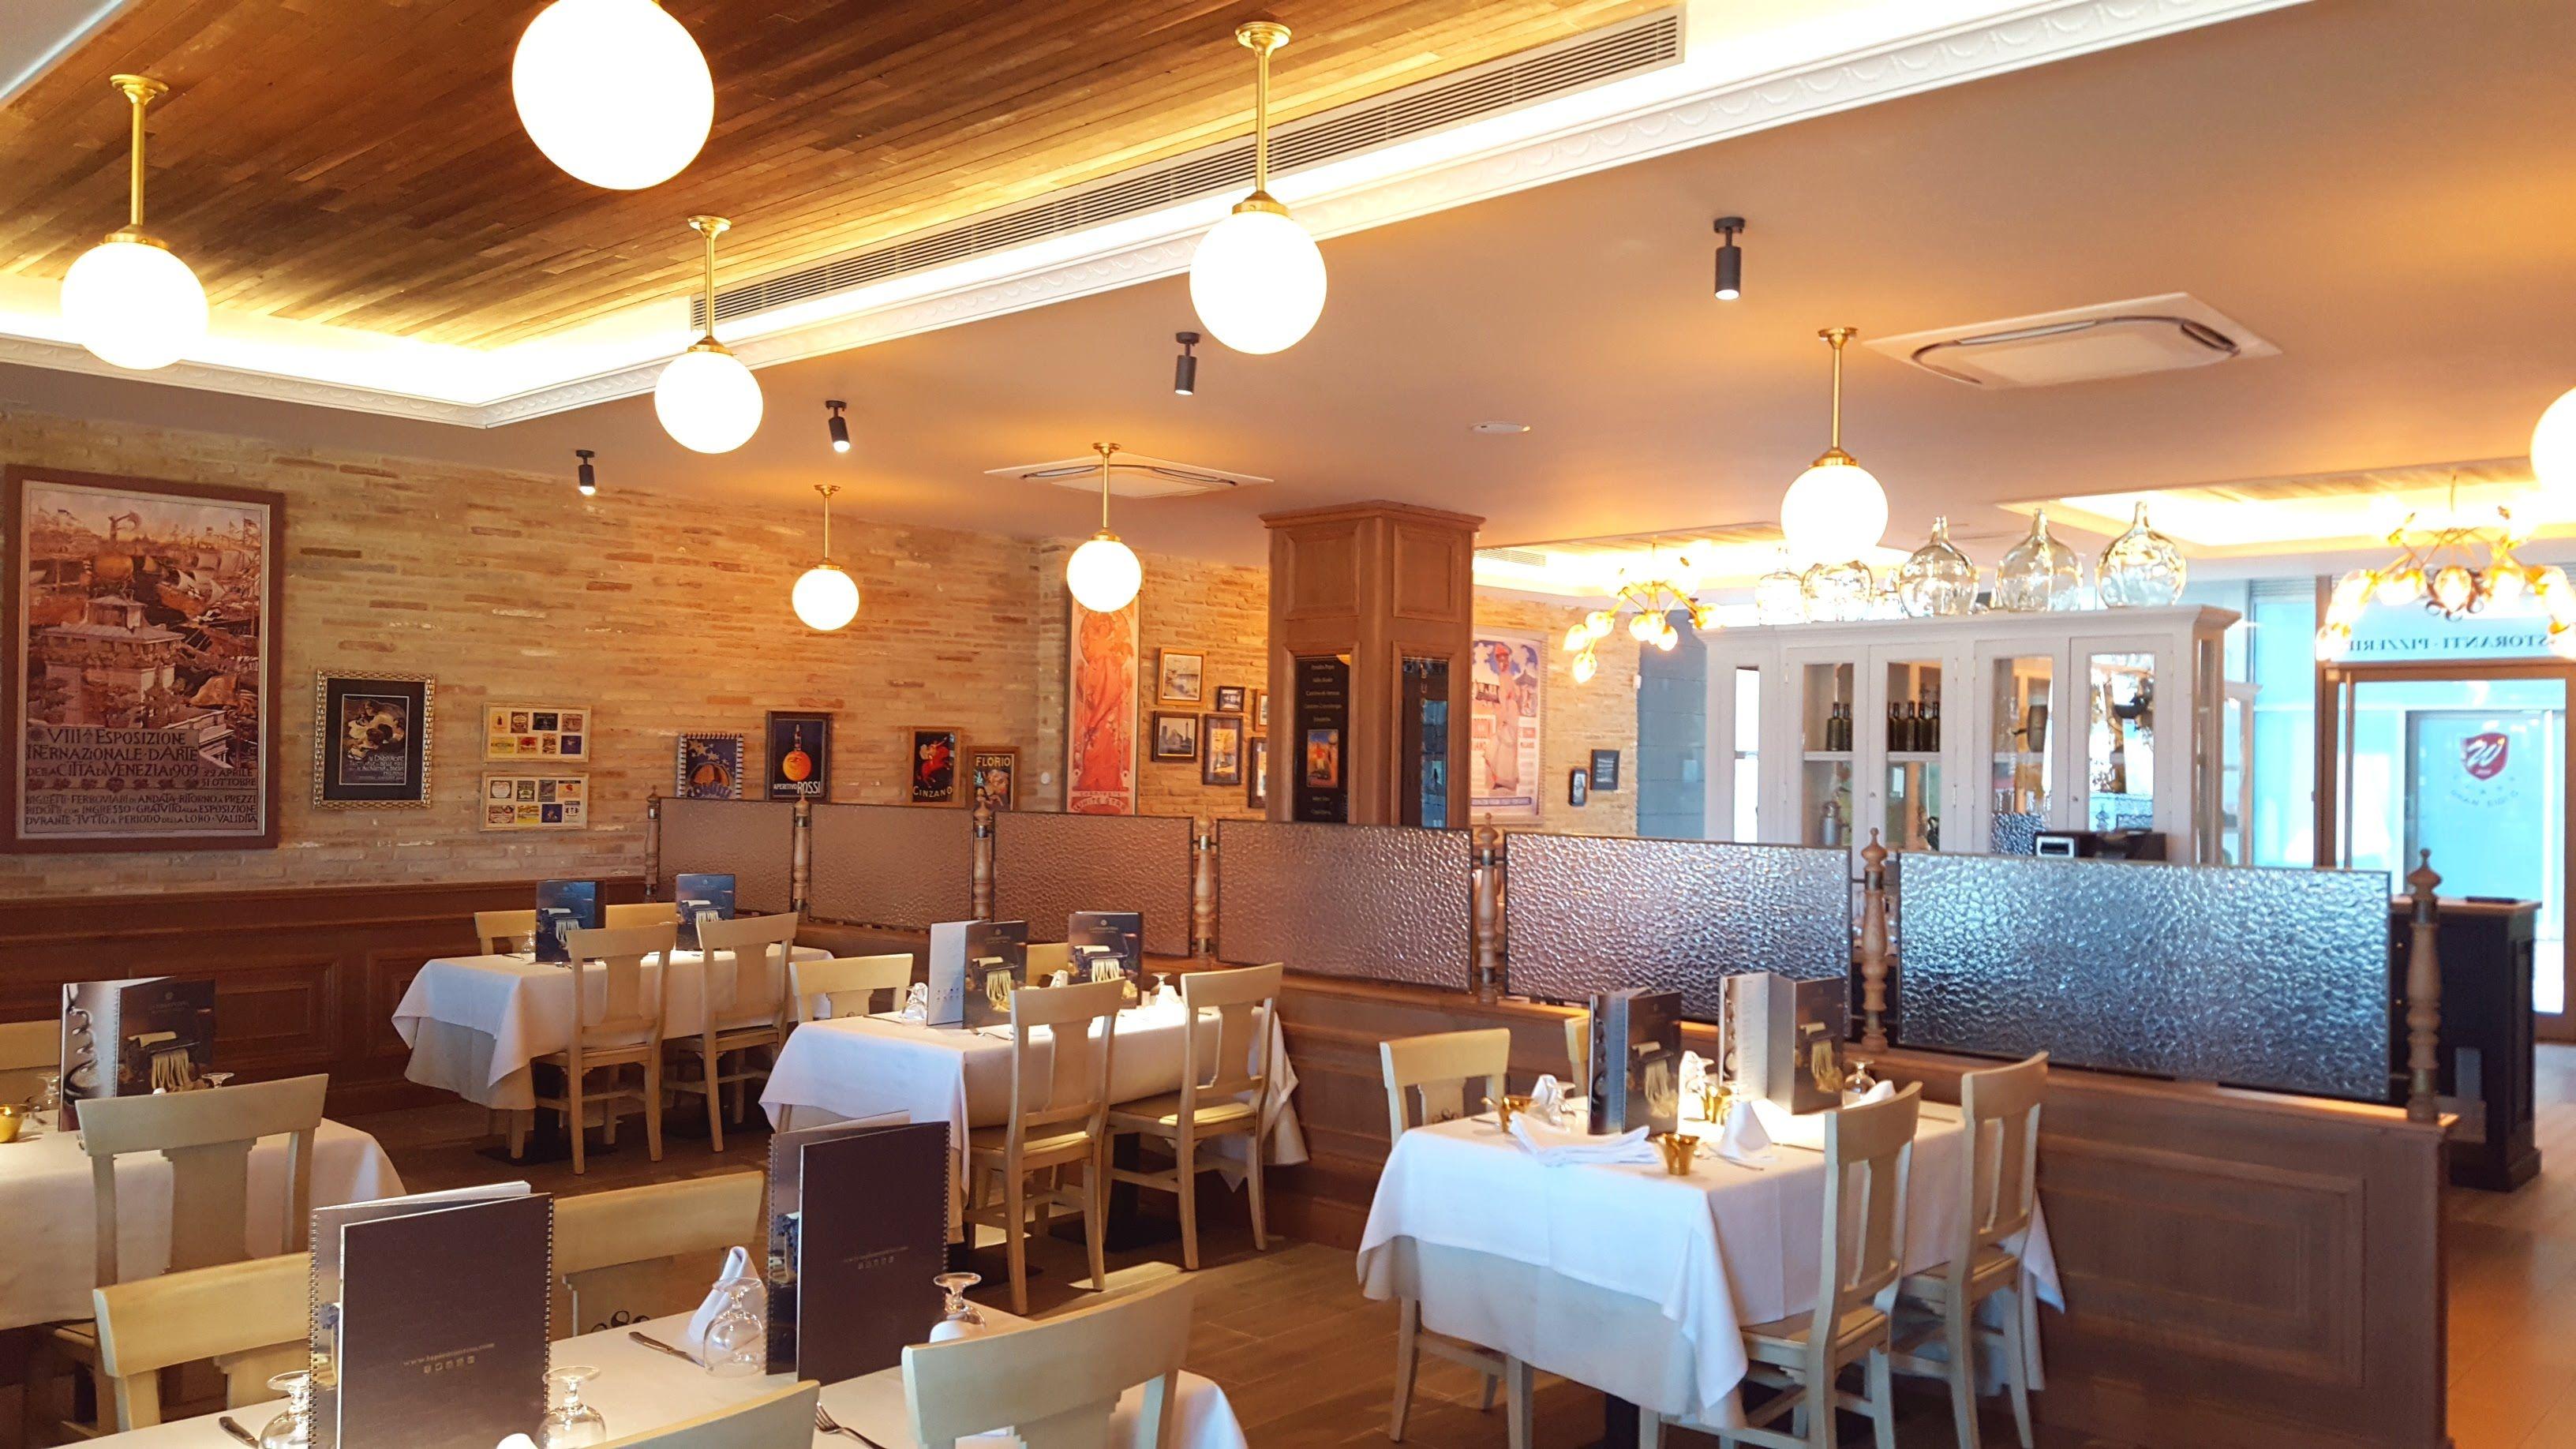 El local està especialitzat en alimentació italiana FOTO: Cedida